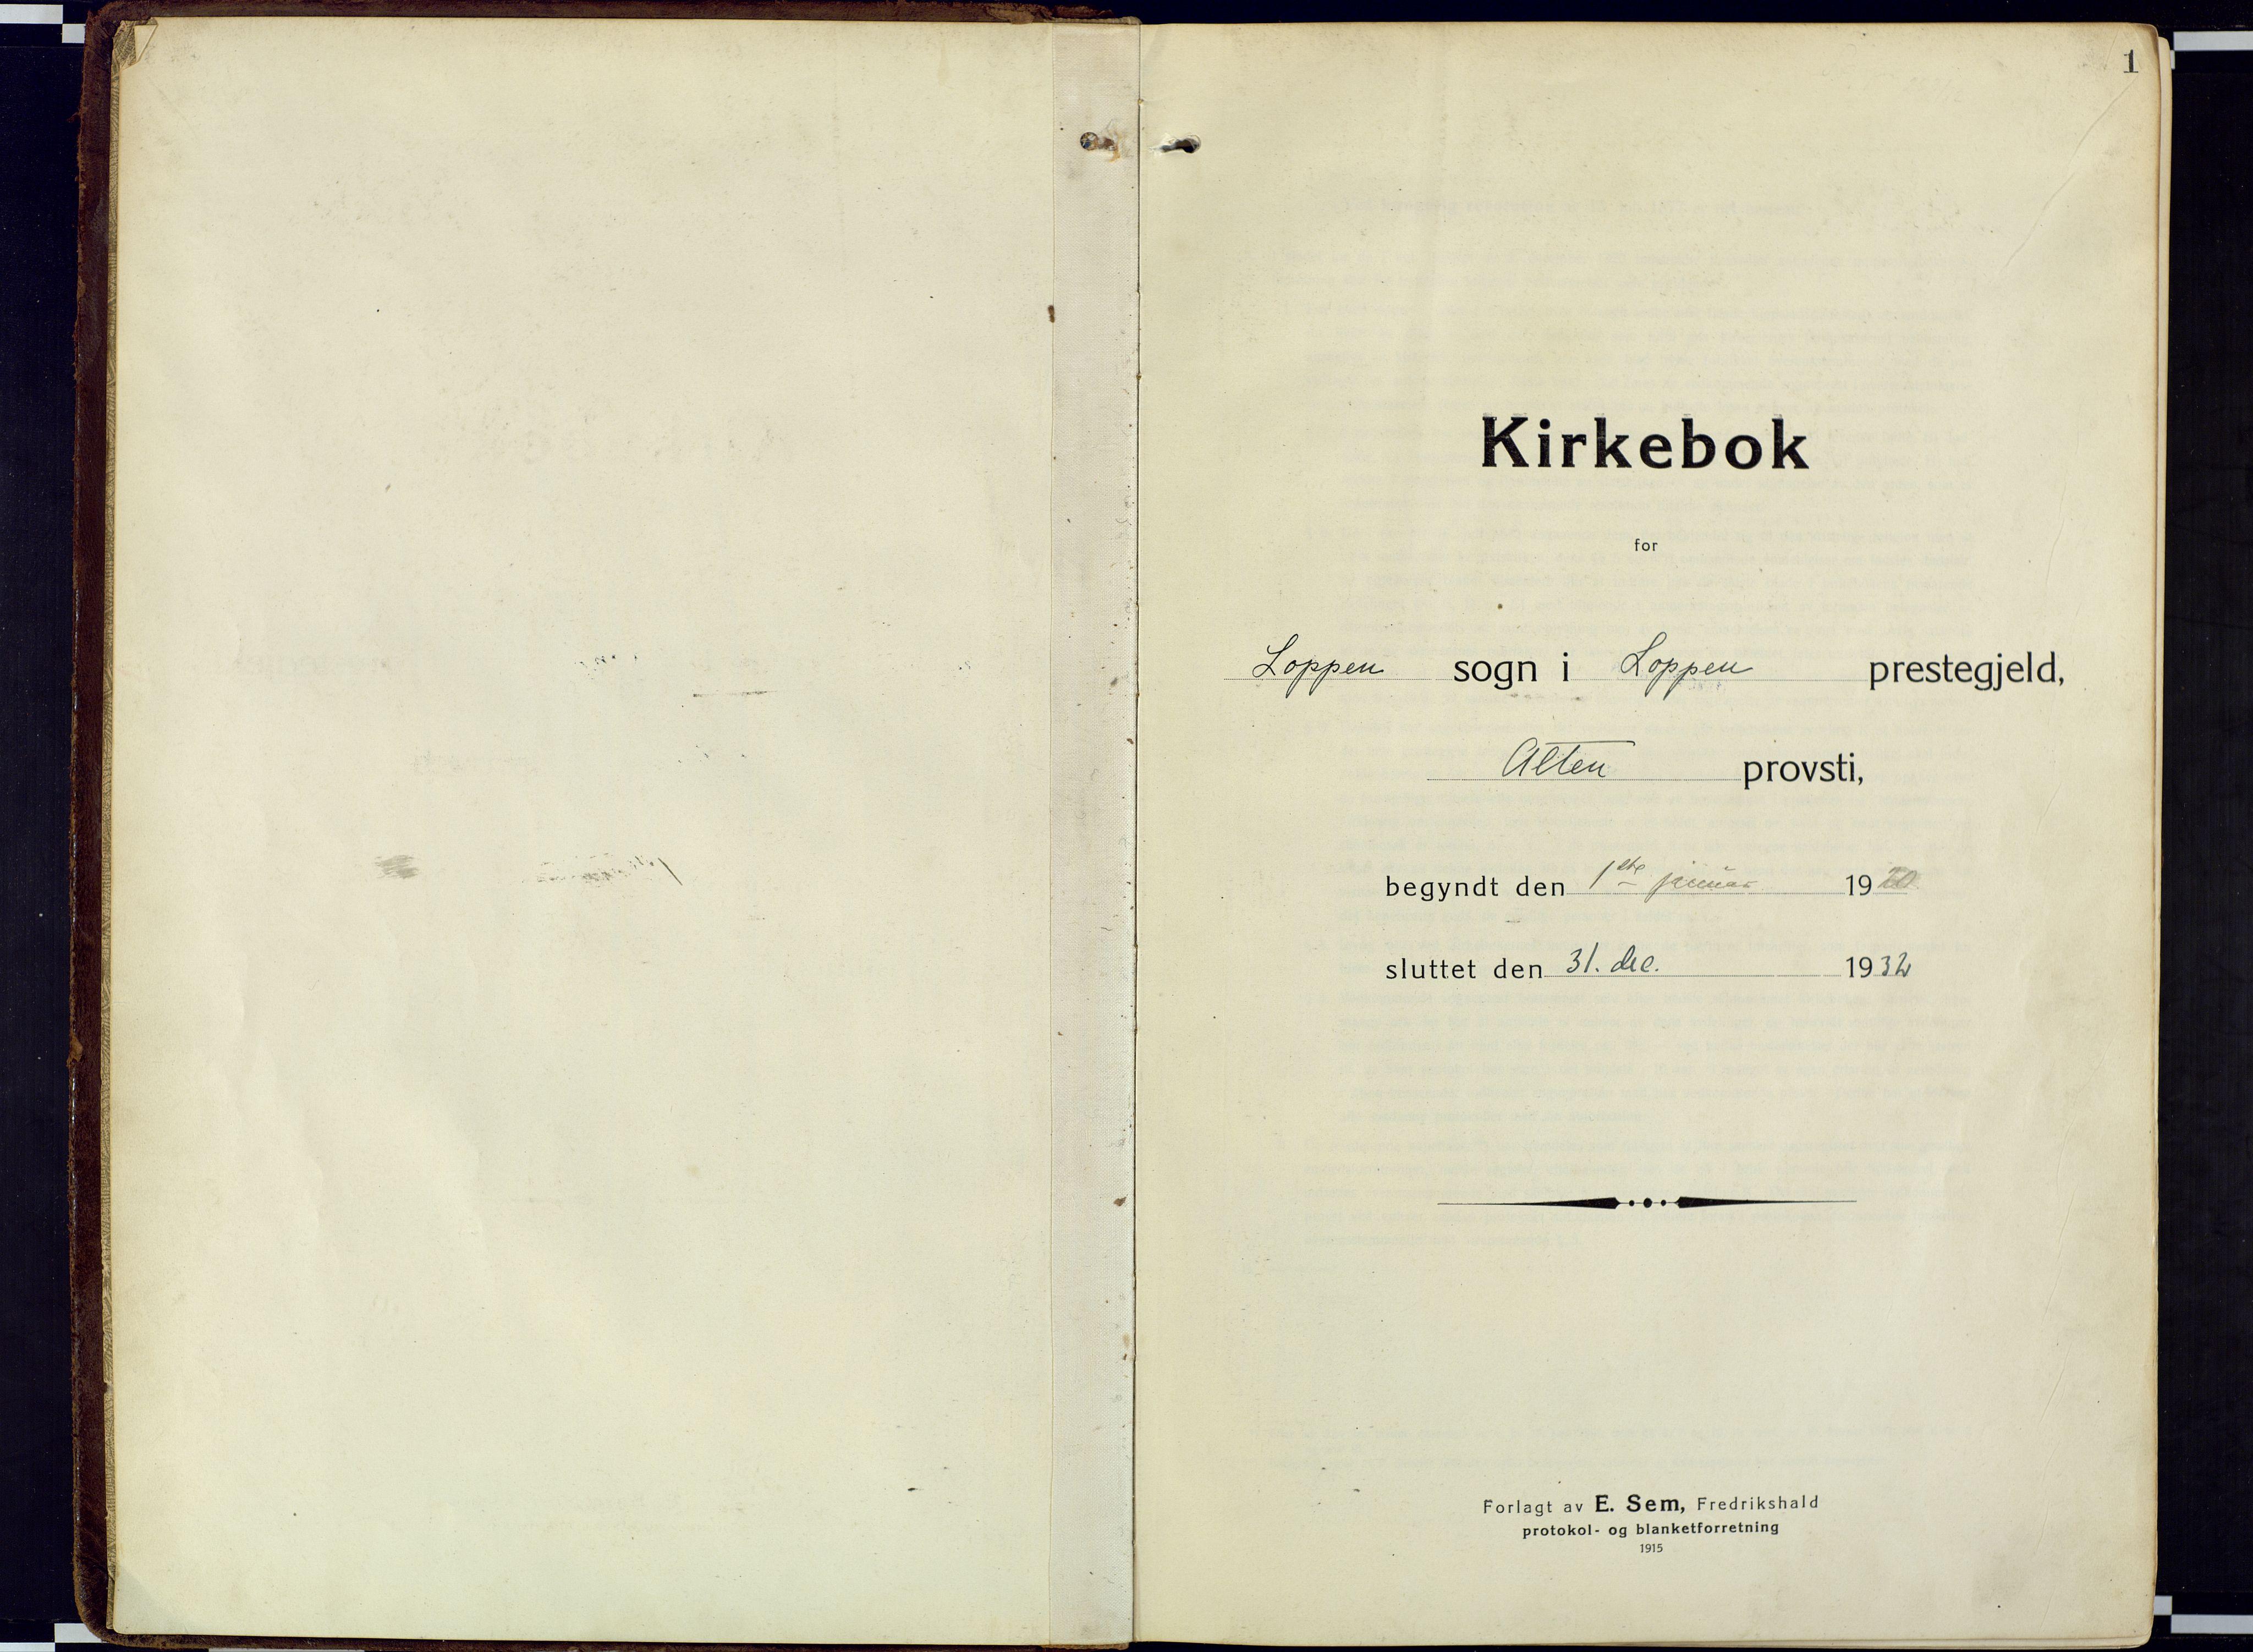 SATØ, Loppa sokneprestkontor, H/Ha/L0013kirke: Ministerialbok nr. 13, 1920-1932, s. 1